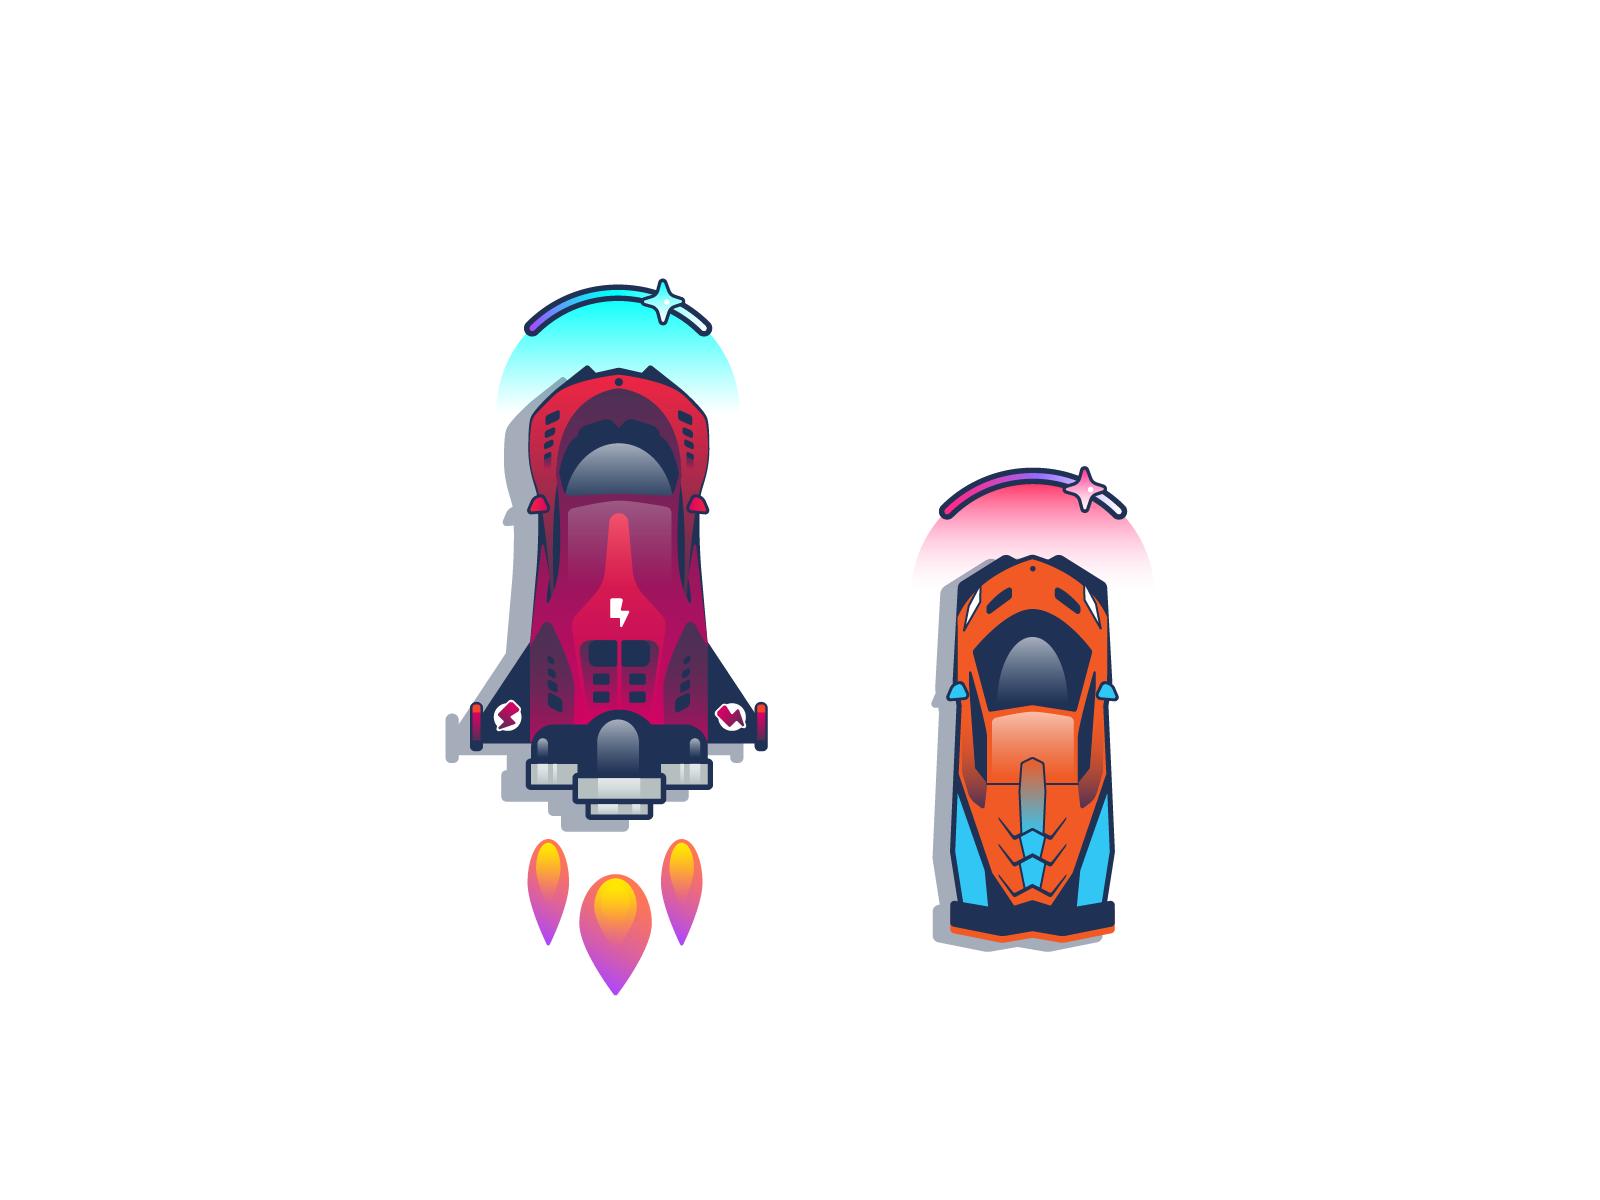 设计实战!为扁平风的移动端赛车游戏定制插画